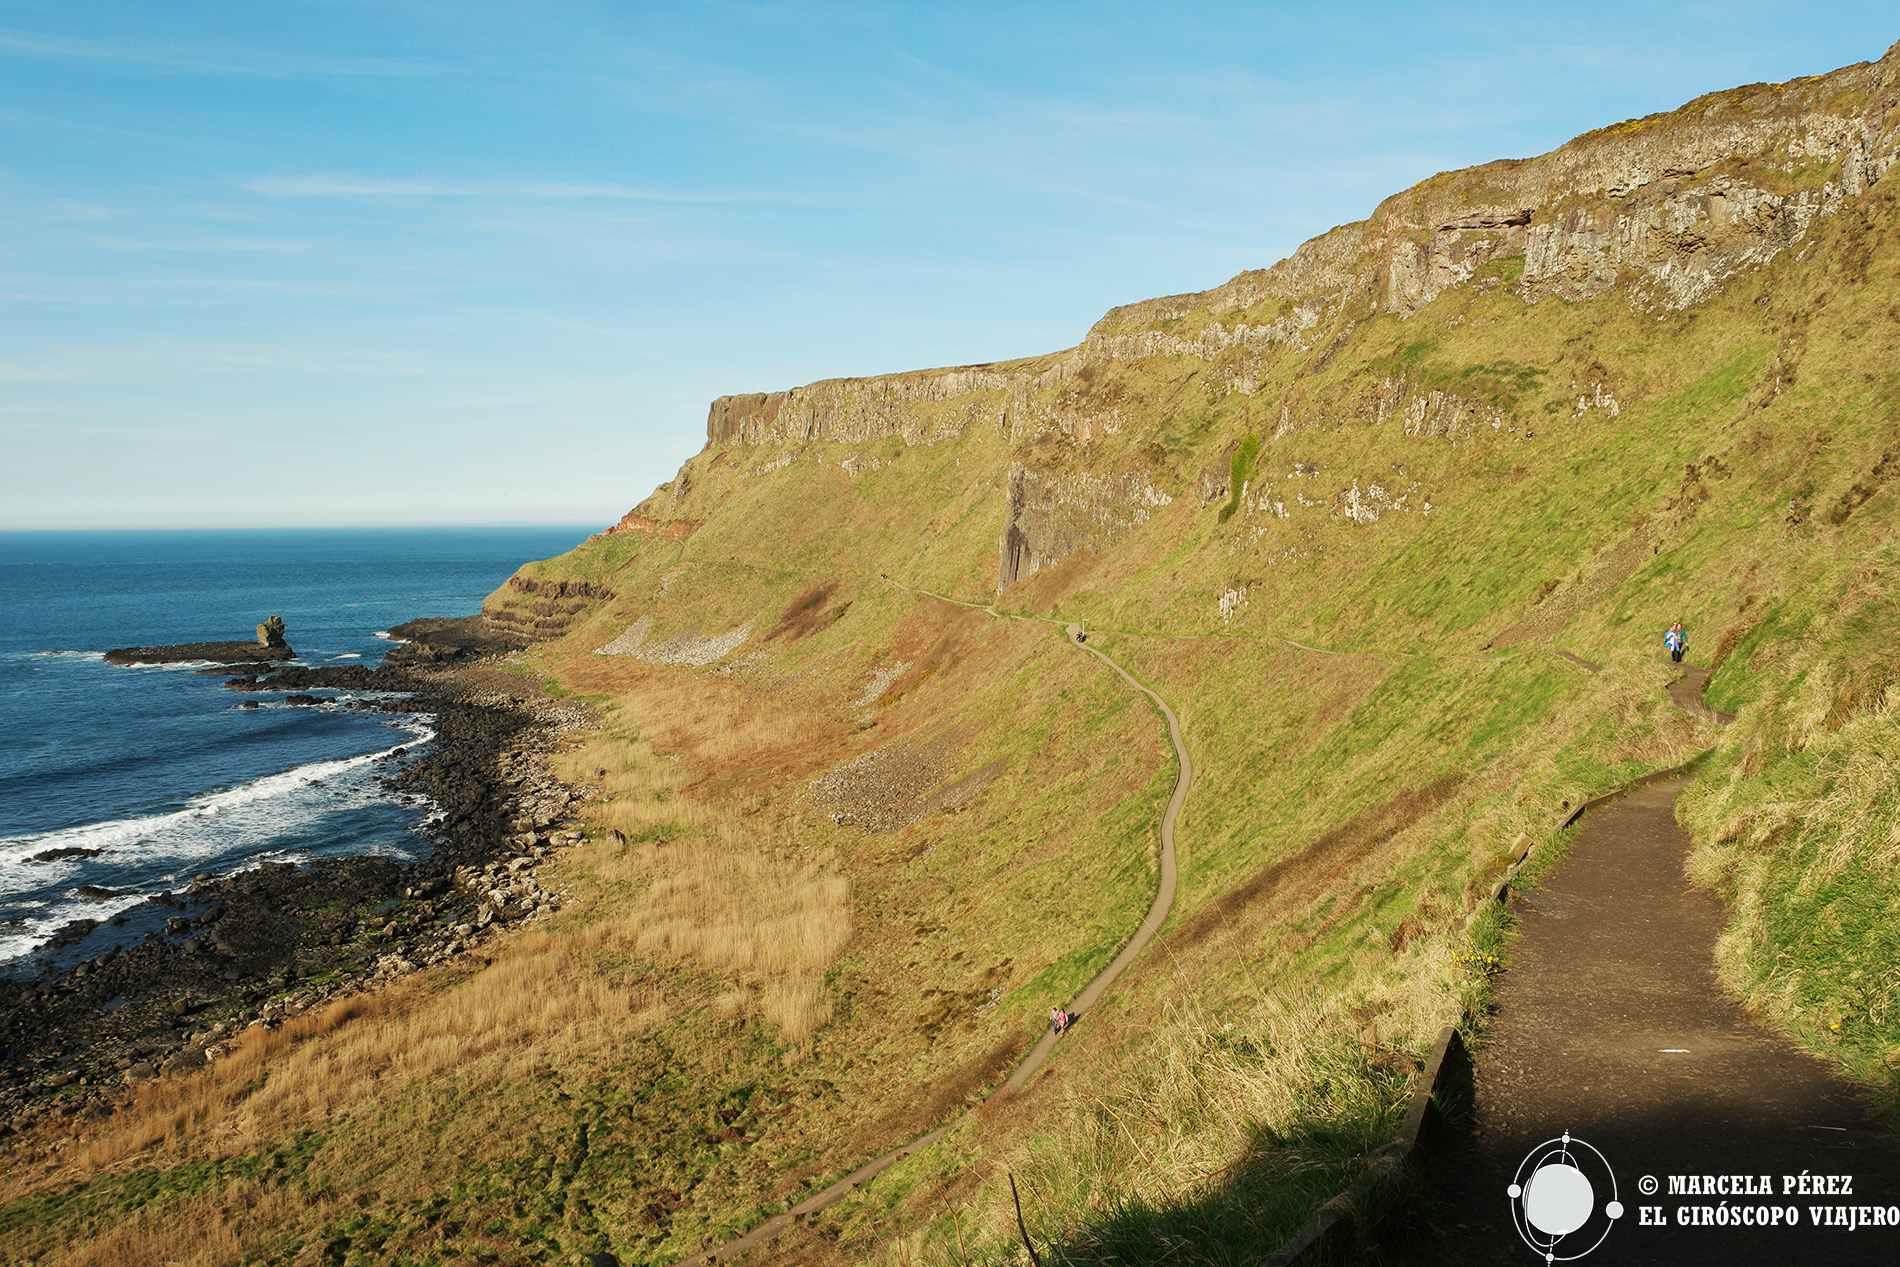 Los senderos que conducen a la cima de los acantilados